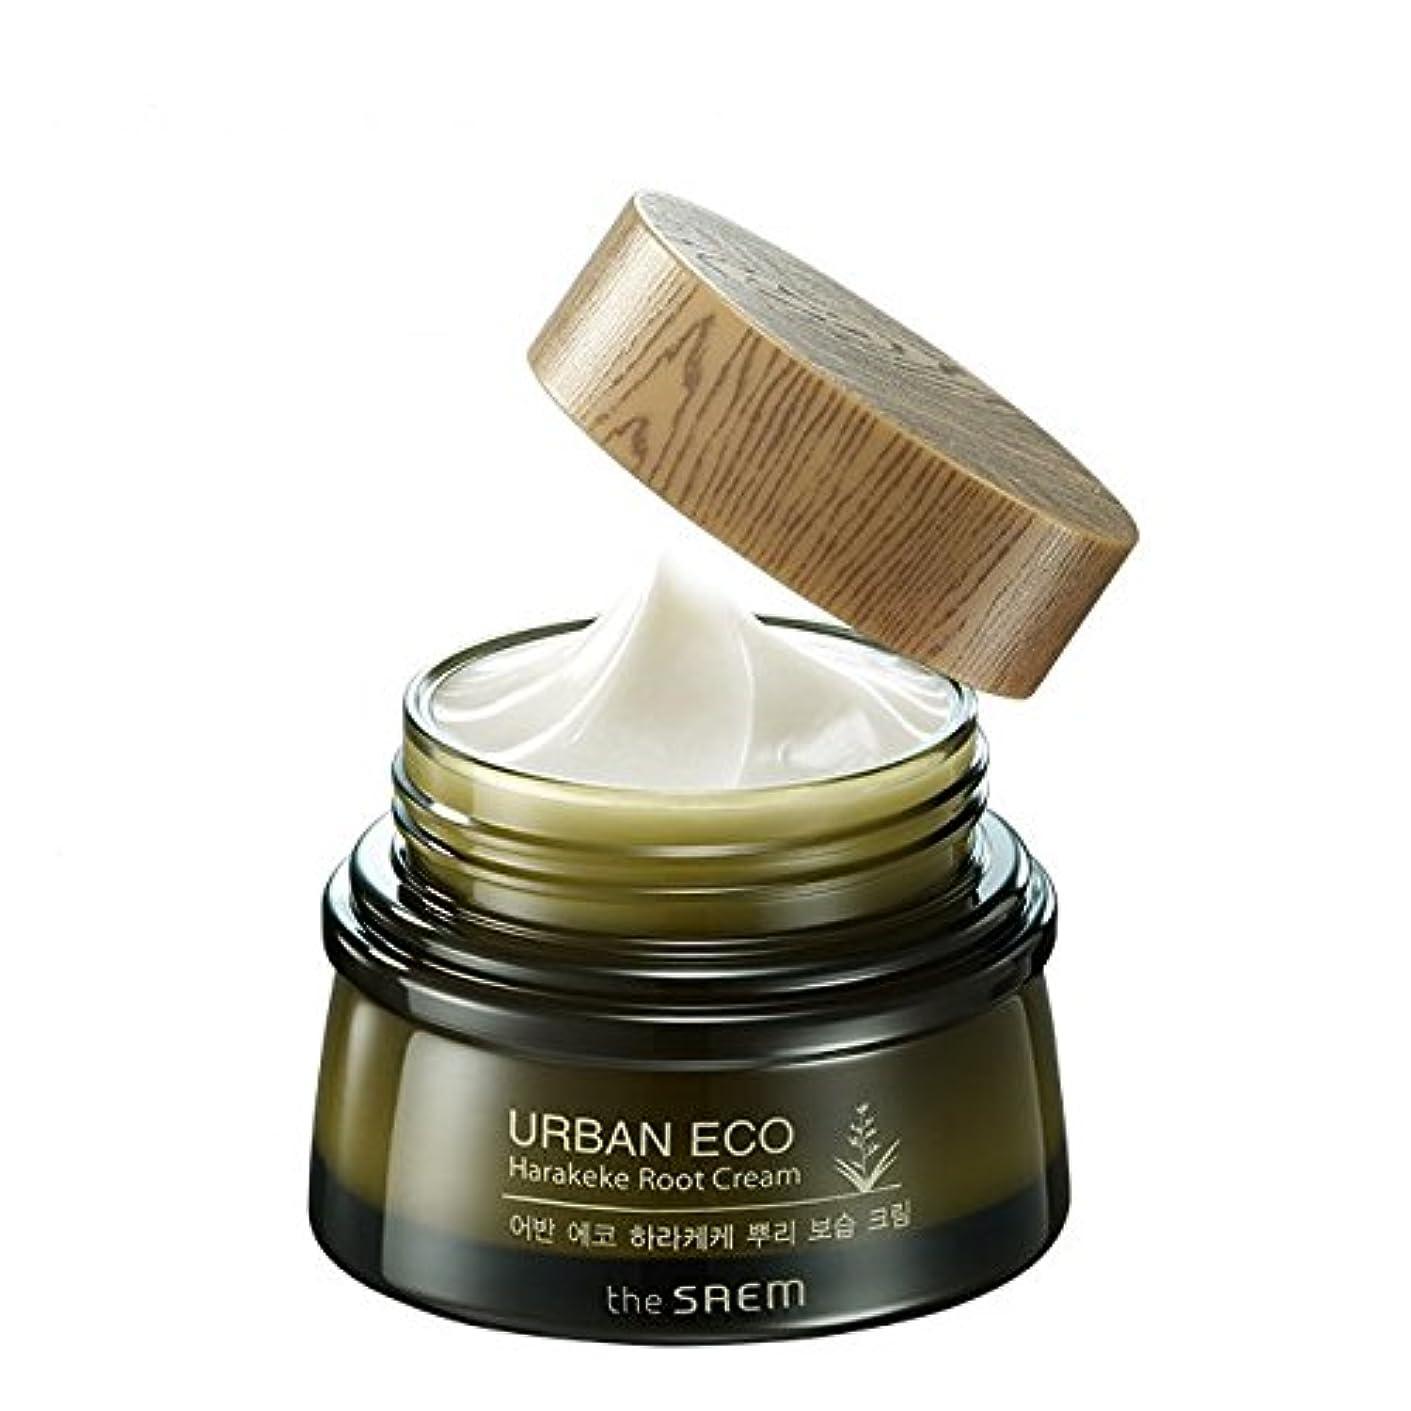 恐怖きつく老人[ザセム] The Saem [アーバンエコ ハラケケ 根保湿クリーム60ml (The Saem Urban Eco Harakeke Root Cream60ml)